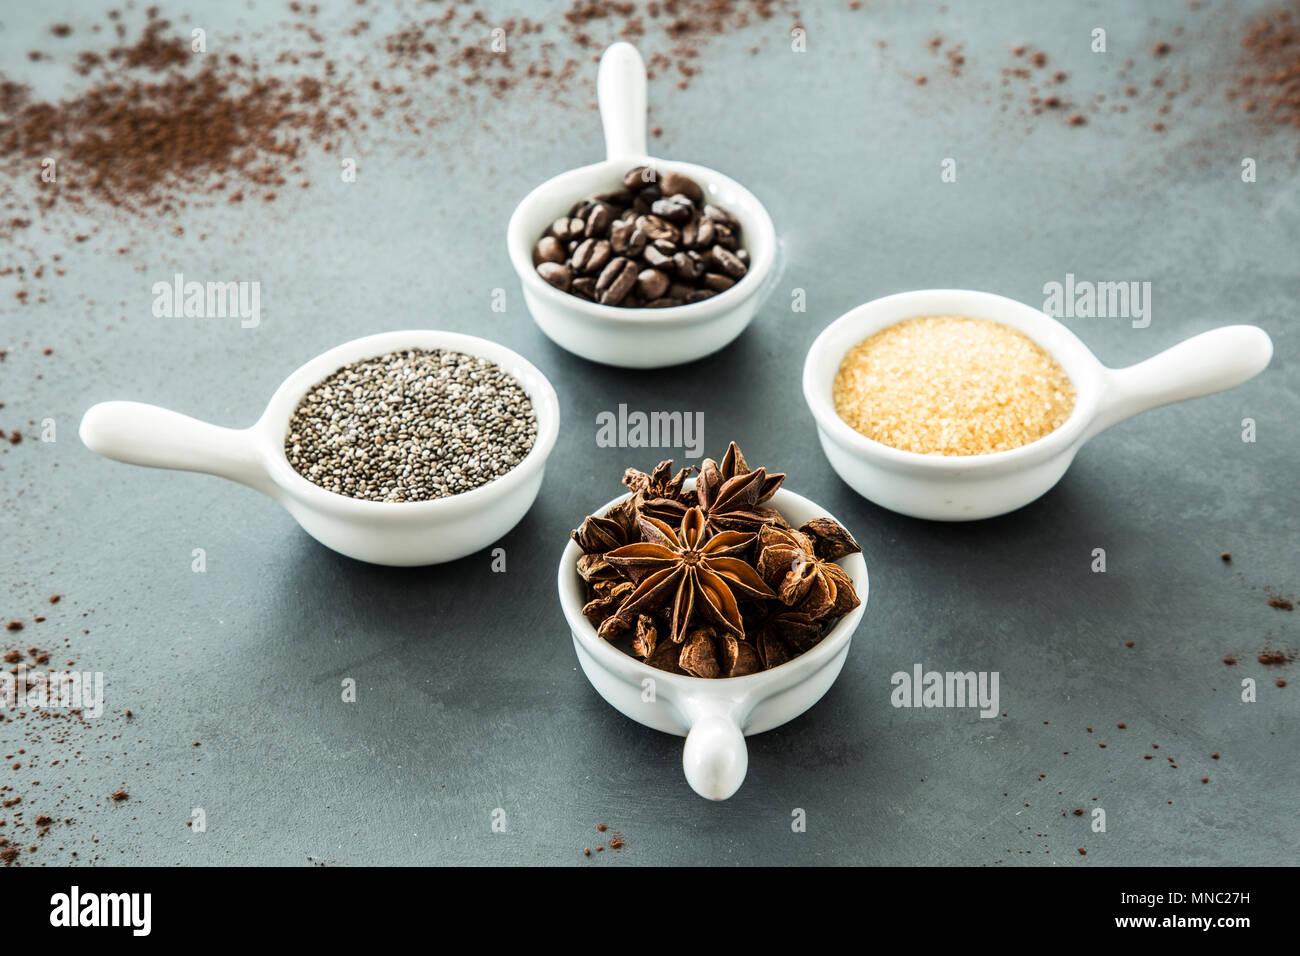 Café en grains, graines et la badiane dans de petits bols de contrepartie, sur un tableau gris. Concept d'aliments aromatisants Photo Stock